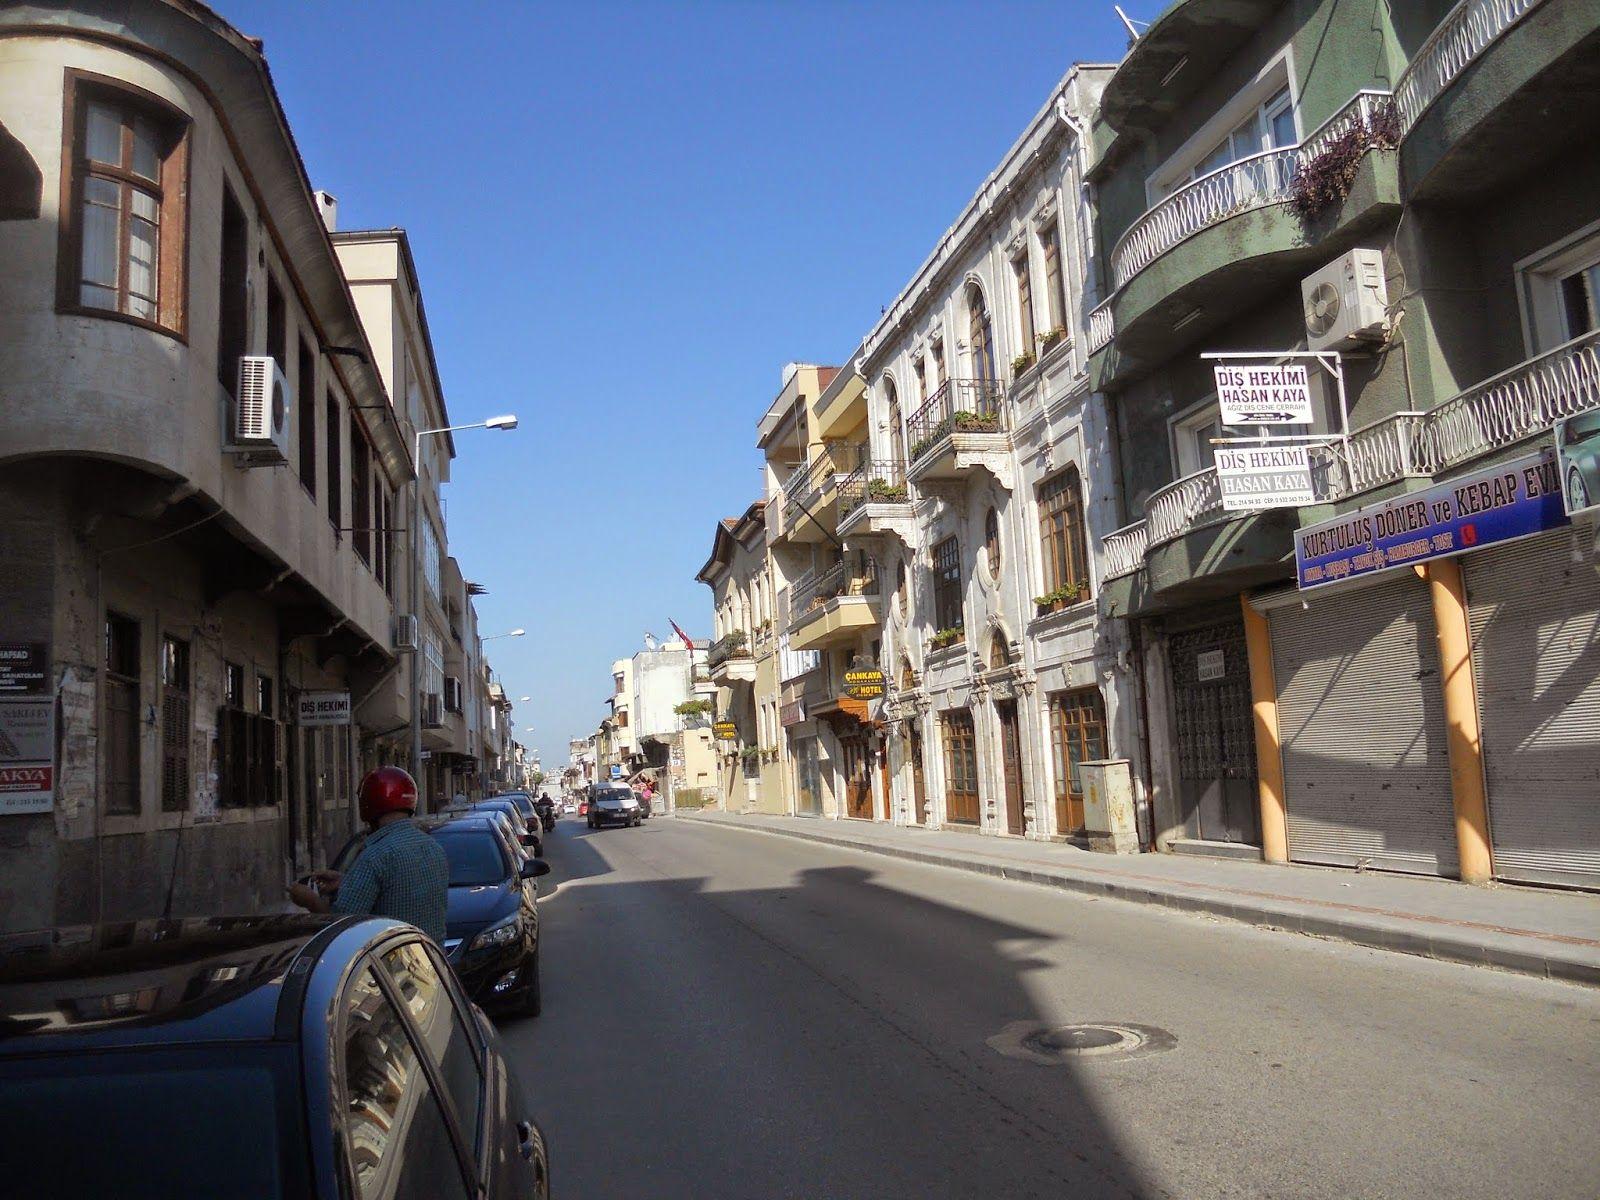 İstanbul Antiohija najstarejše krščansko mesto od Boga pozabljeno